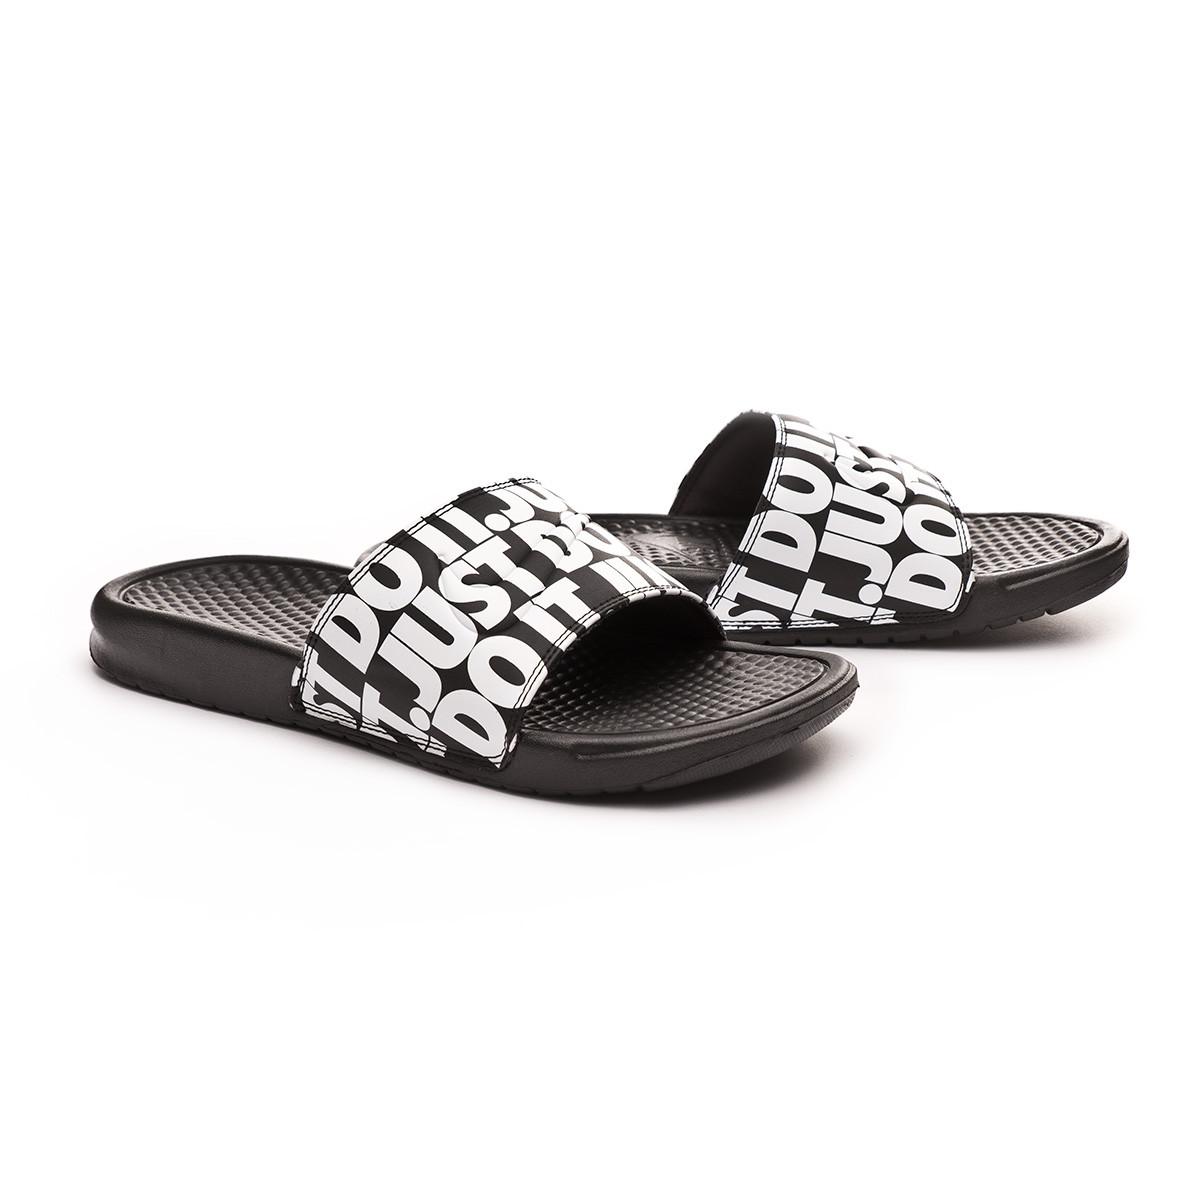 7efce47dc Chinelo Nike Benassi